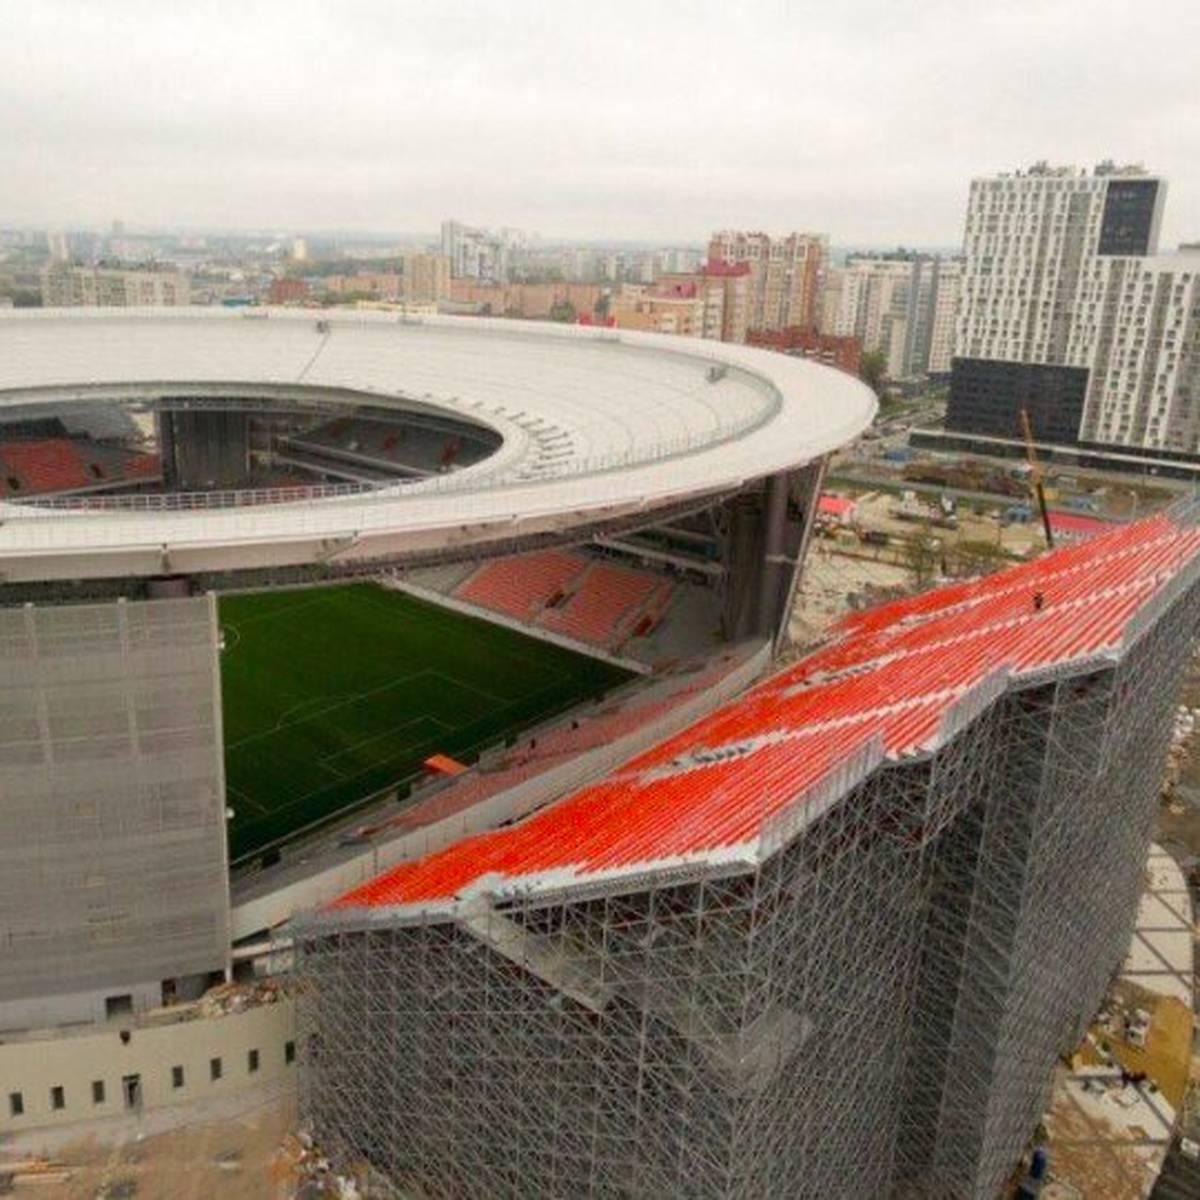 Wm In Russland Ungewohnliche Tribunen Fur Stadion In